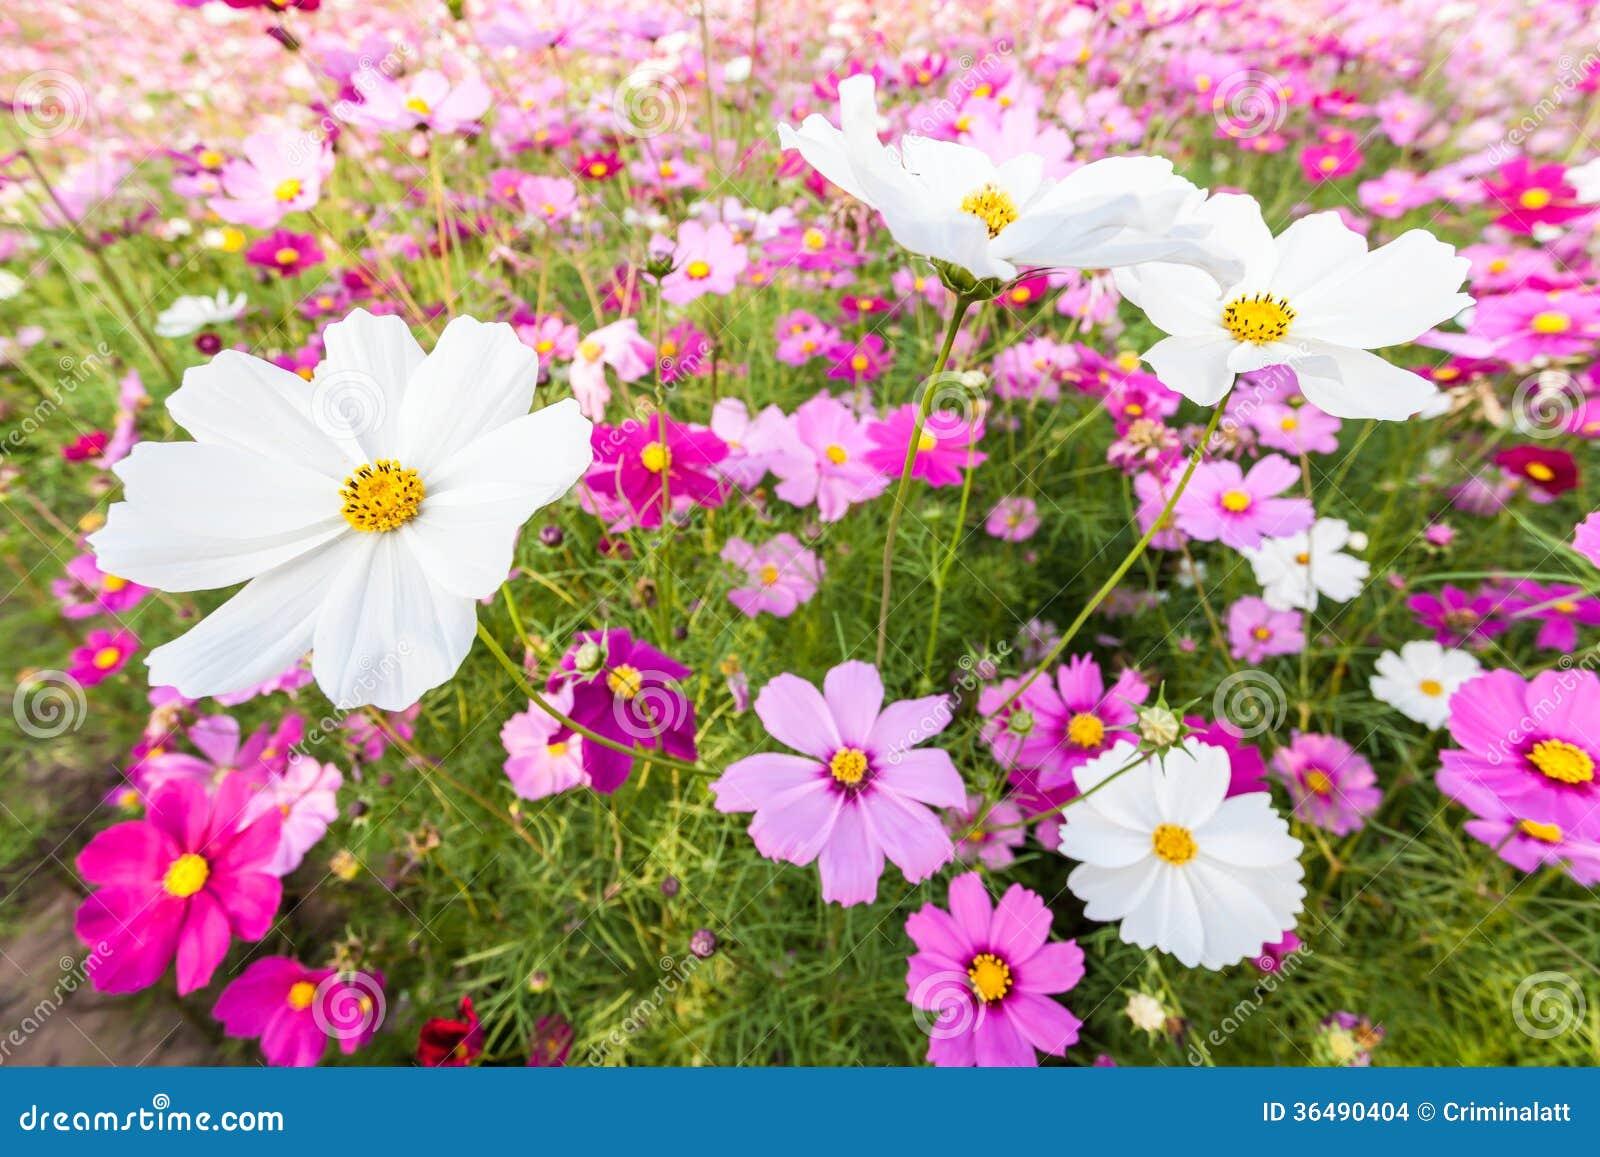 Fleurs blanches de cosmos sur le champ images stock image 36490404 - Fleurs des champs blanches ...